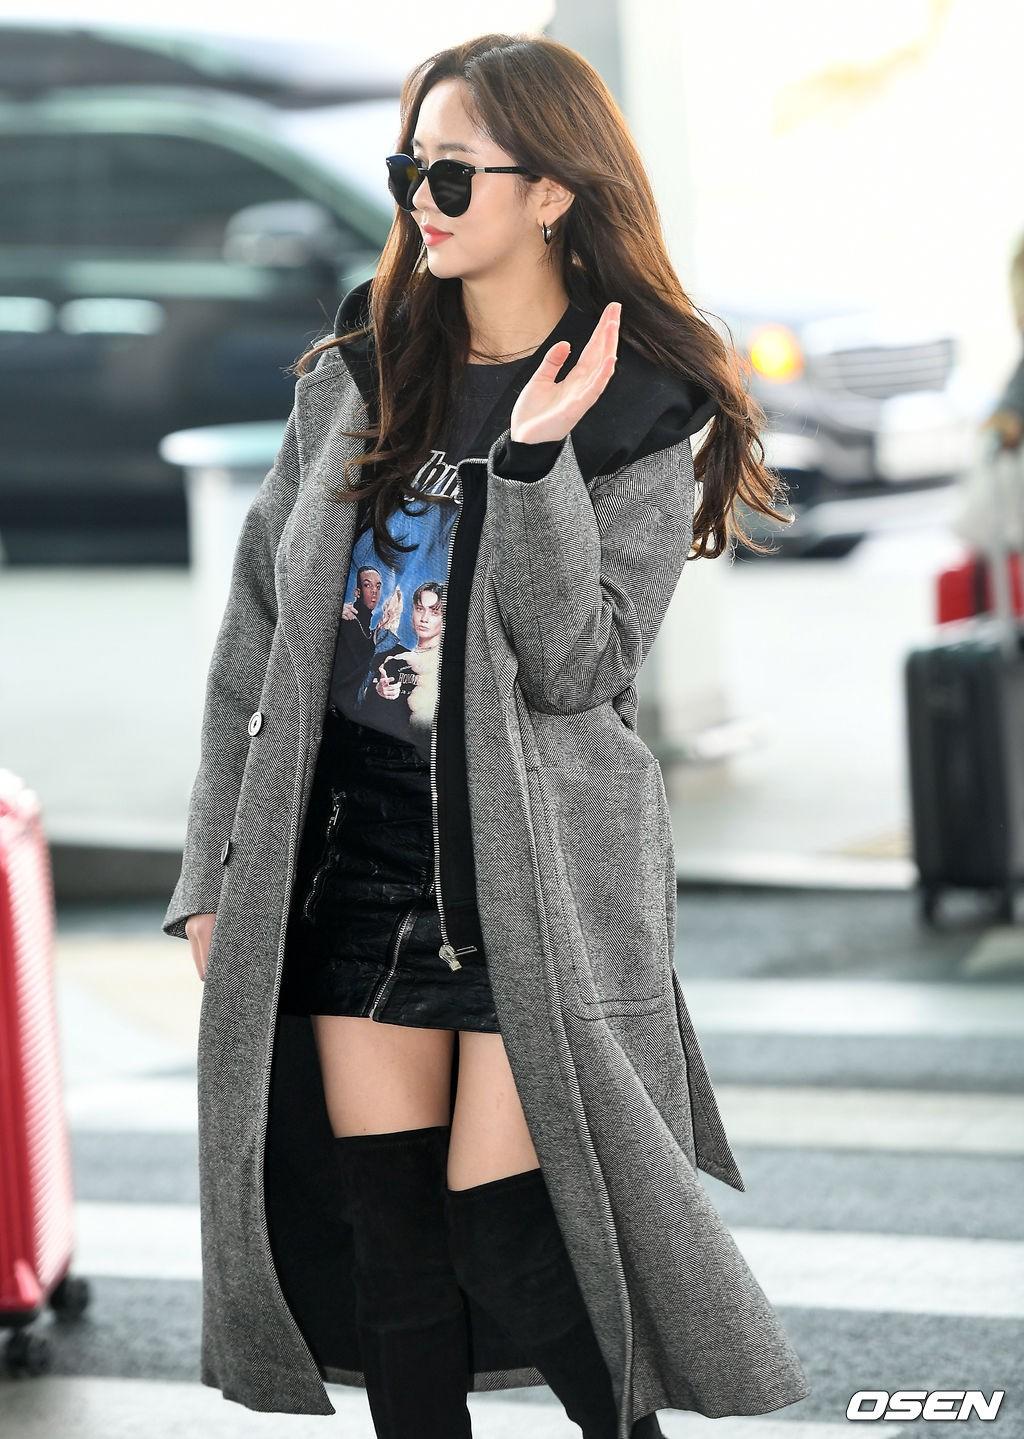 Đi sân bay thôi mà hot đến tận hôm nay, Kim So Hyun đang khiến dân tình bấn loạn vì đôi chân cực phẩm - Ảnh 7.